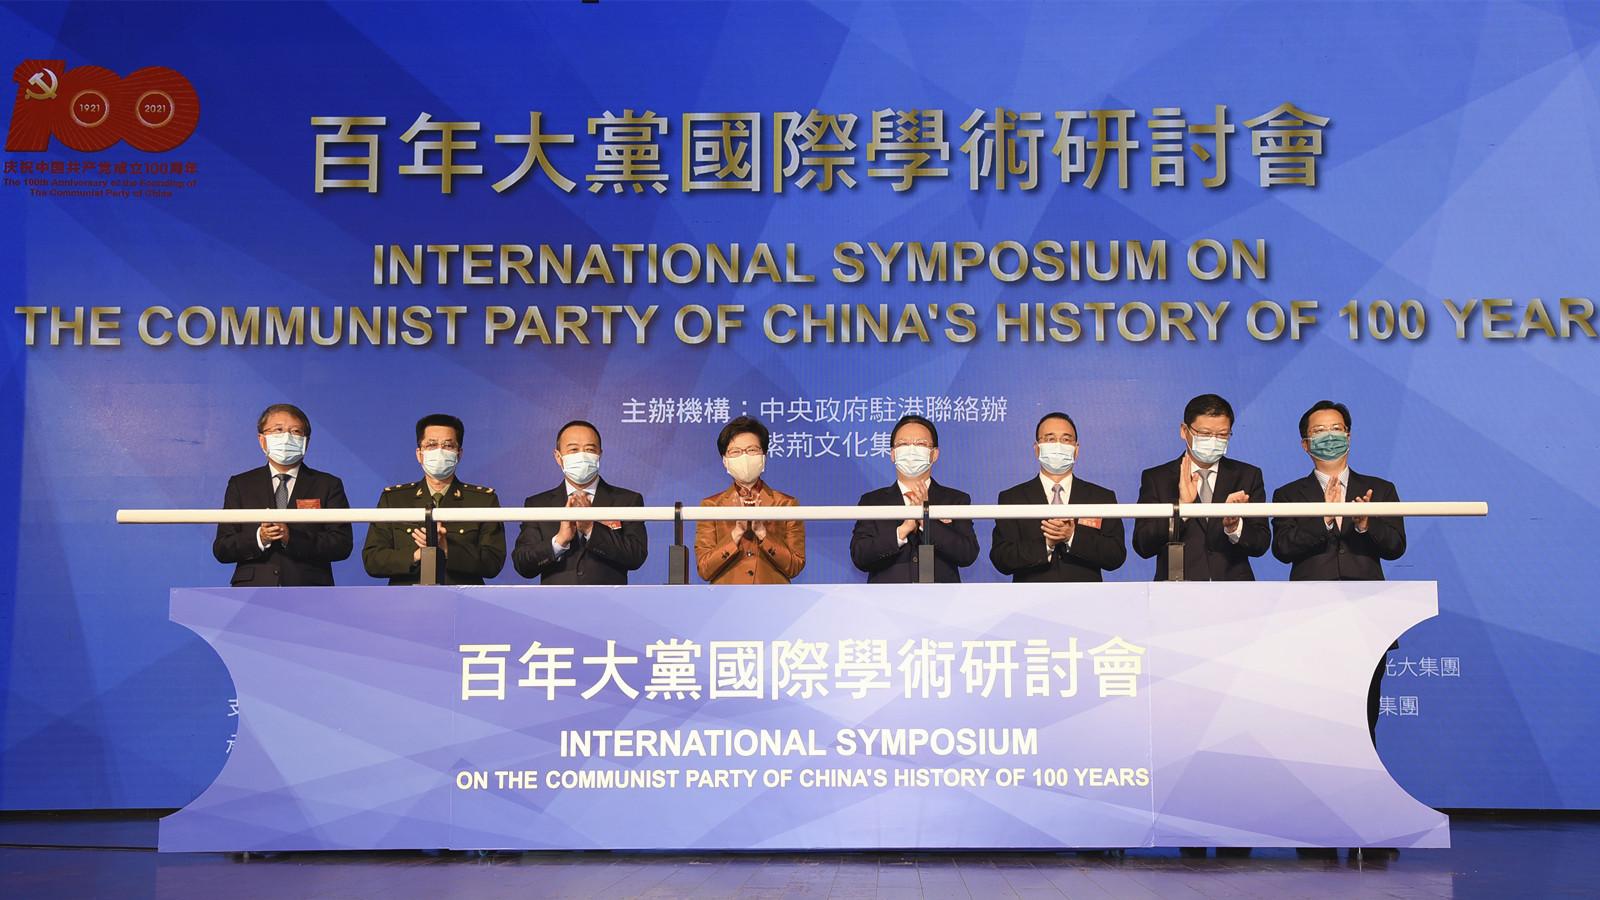 「百年大黨國際學術研討會」今在港舉行 各國專家學者暢所欲言